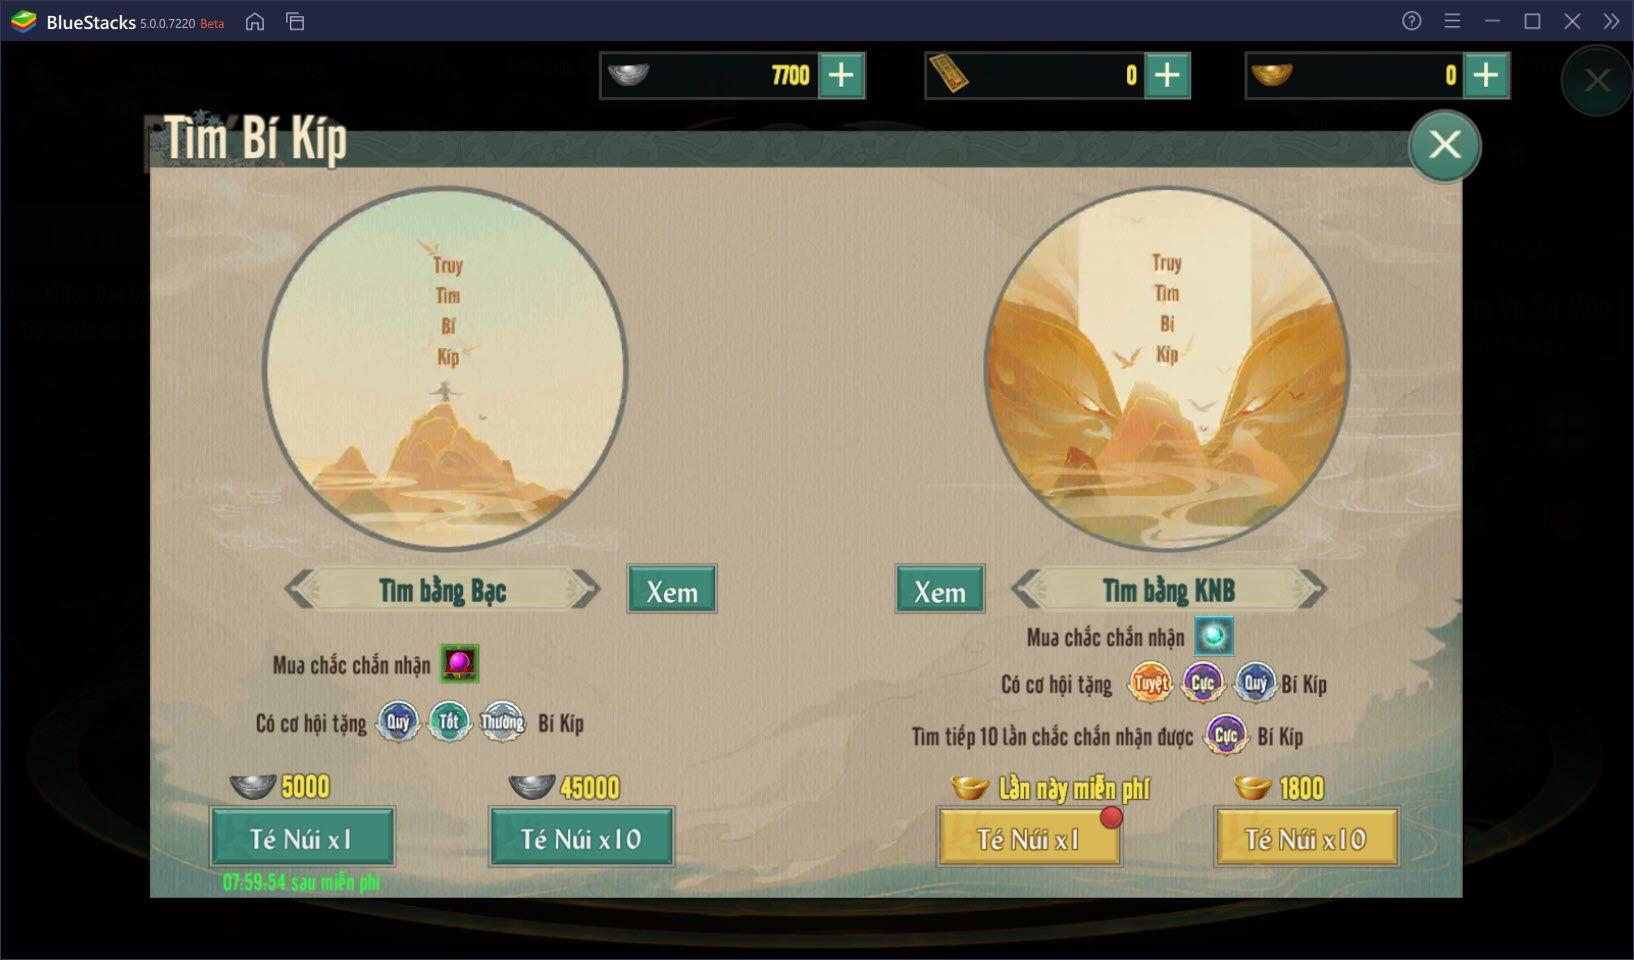 Trải nghiệm Võ Lâm Truyền 1 Mobile trên PC: Tìm lại những cảm xúc Võ Lâm kinh điển